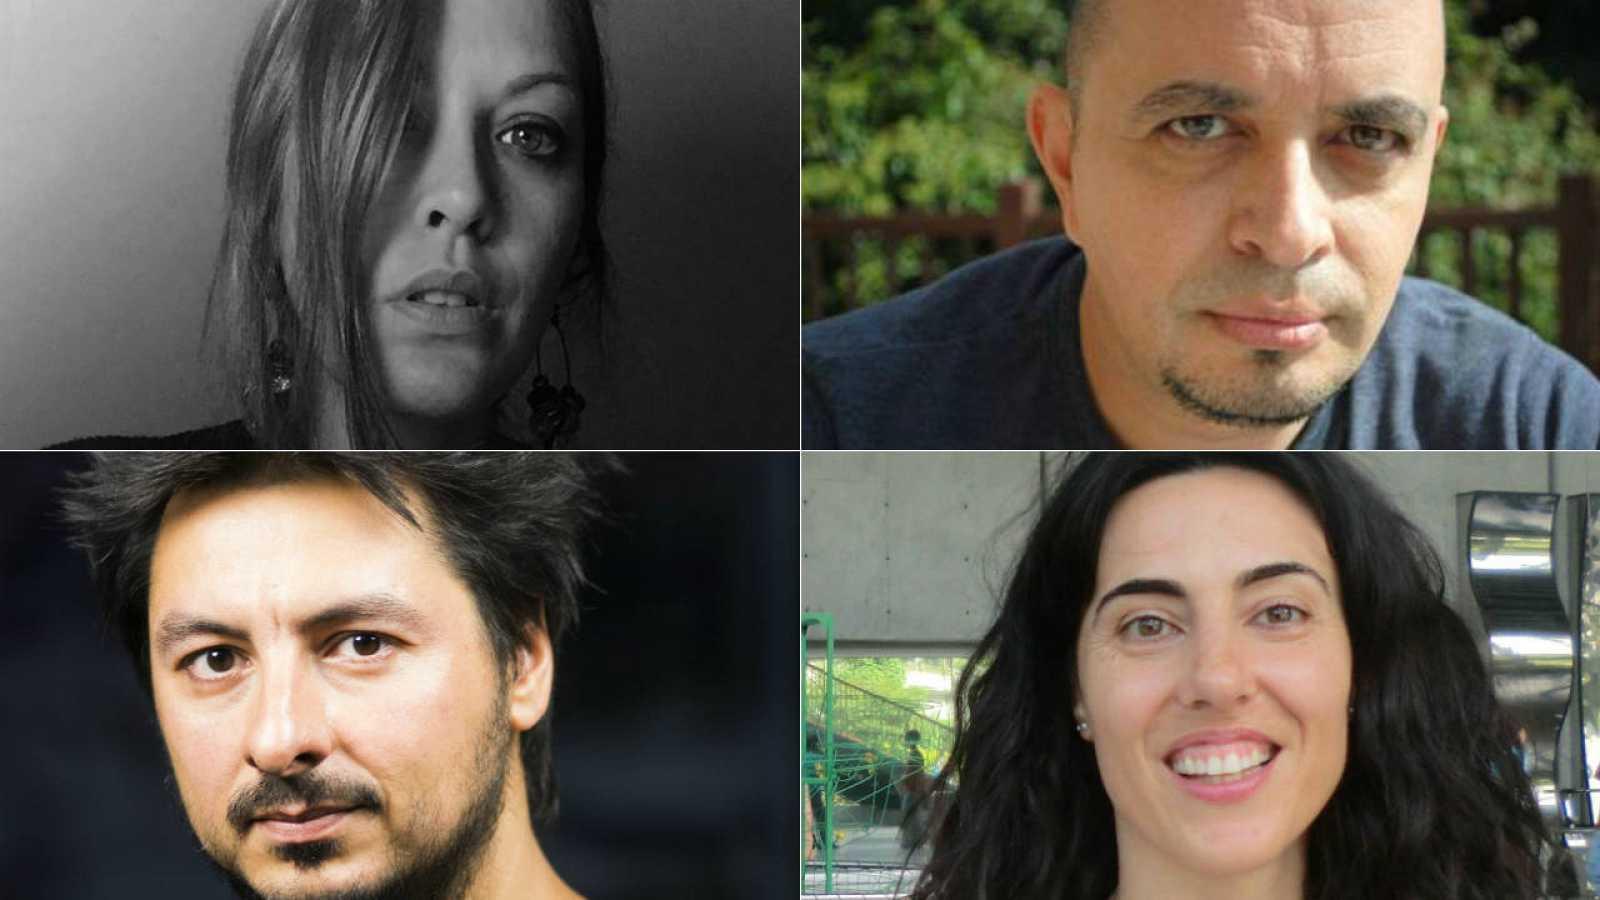 María Sotomayor, Juan Antonio González Iglesias, Antonio Lucas y Raquel Lanseros debatirán sobre poesía en la segunda jornada de Cultura 16.